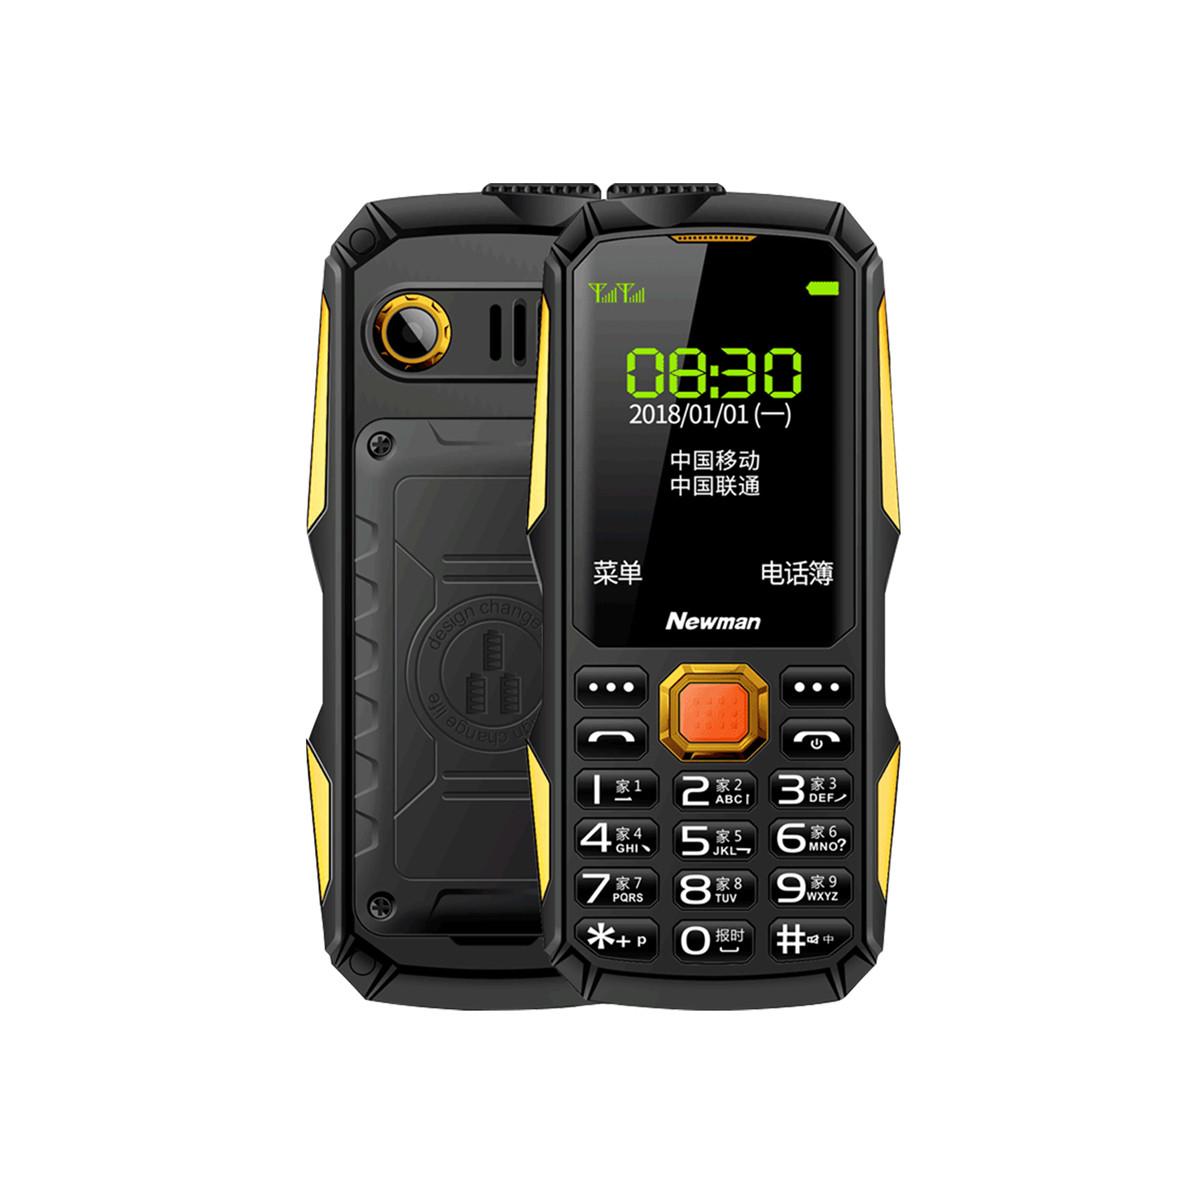 纽曼S9【4G全网通】军工三防老人手机 移动联通电信老年长续航手机S9黑色